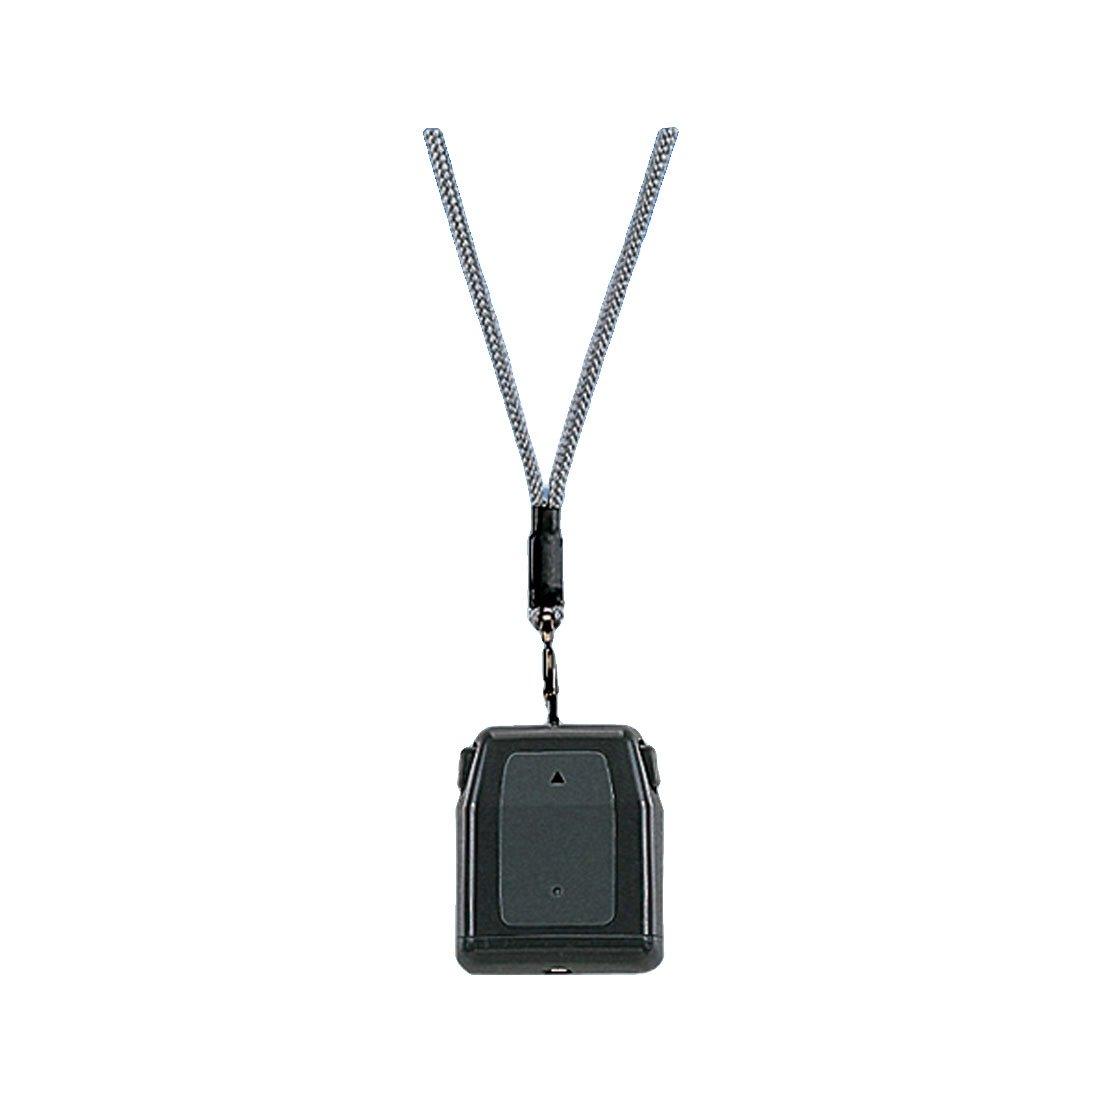 ワイヤレス接点 送信機 TX-104P ペンダント型 TAKEX 竹中エンジニアリング B00L0S9NOK